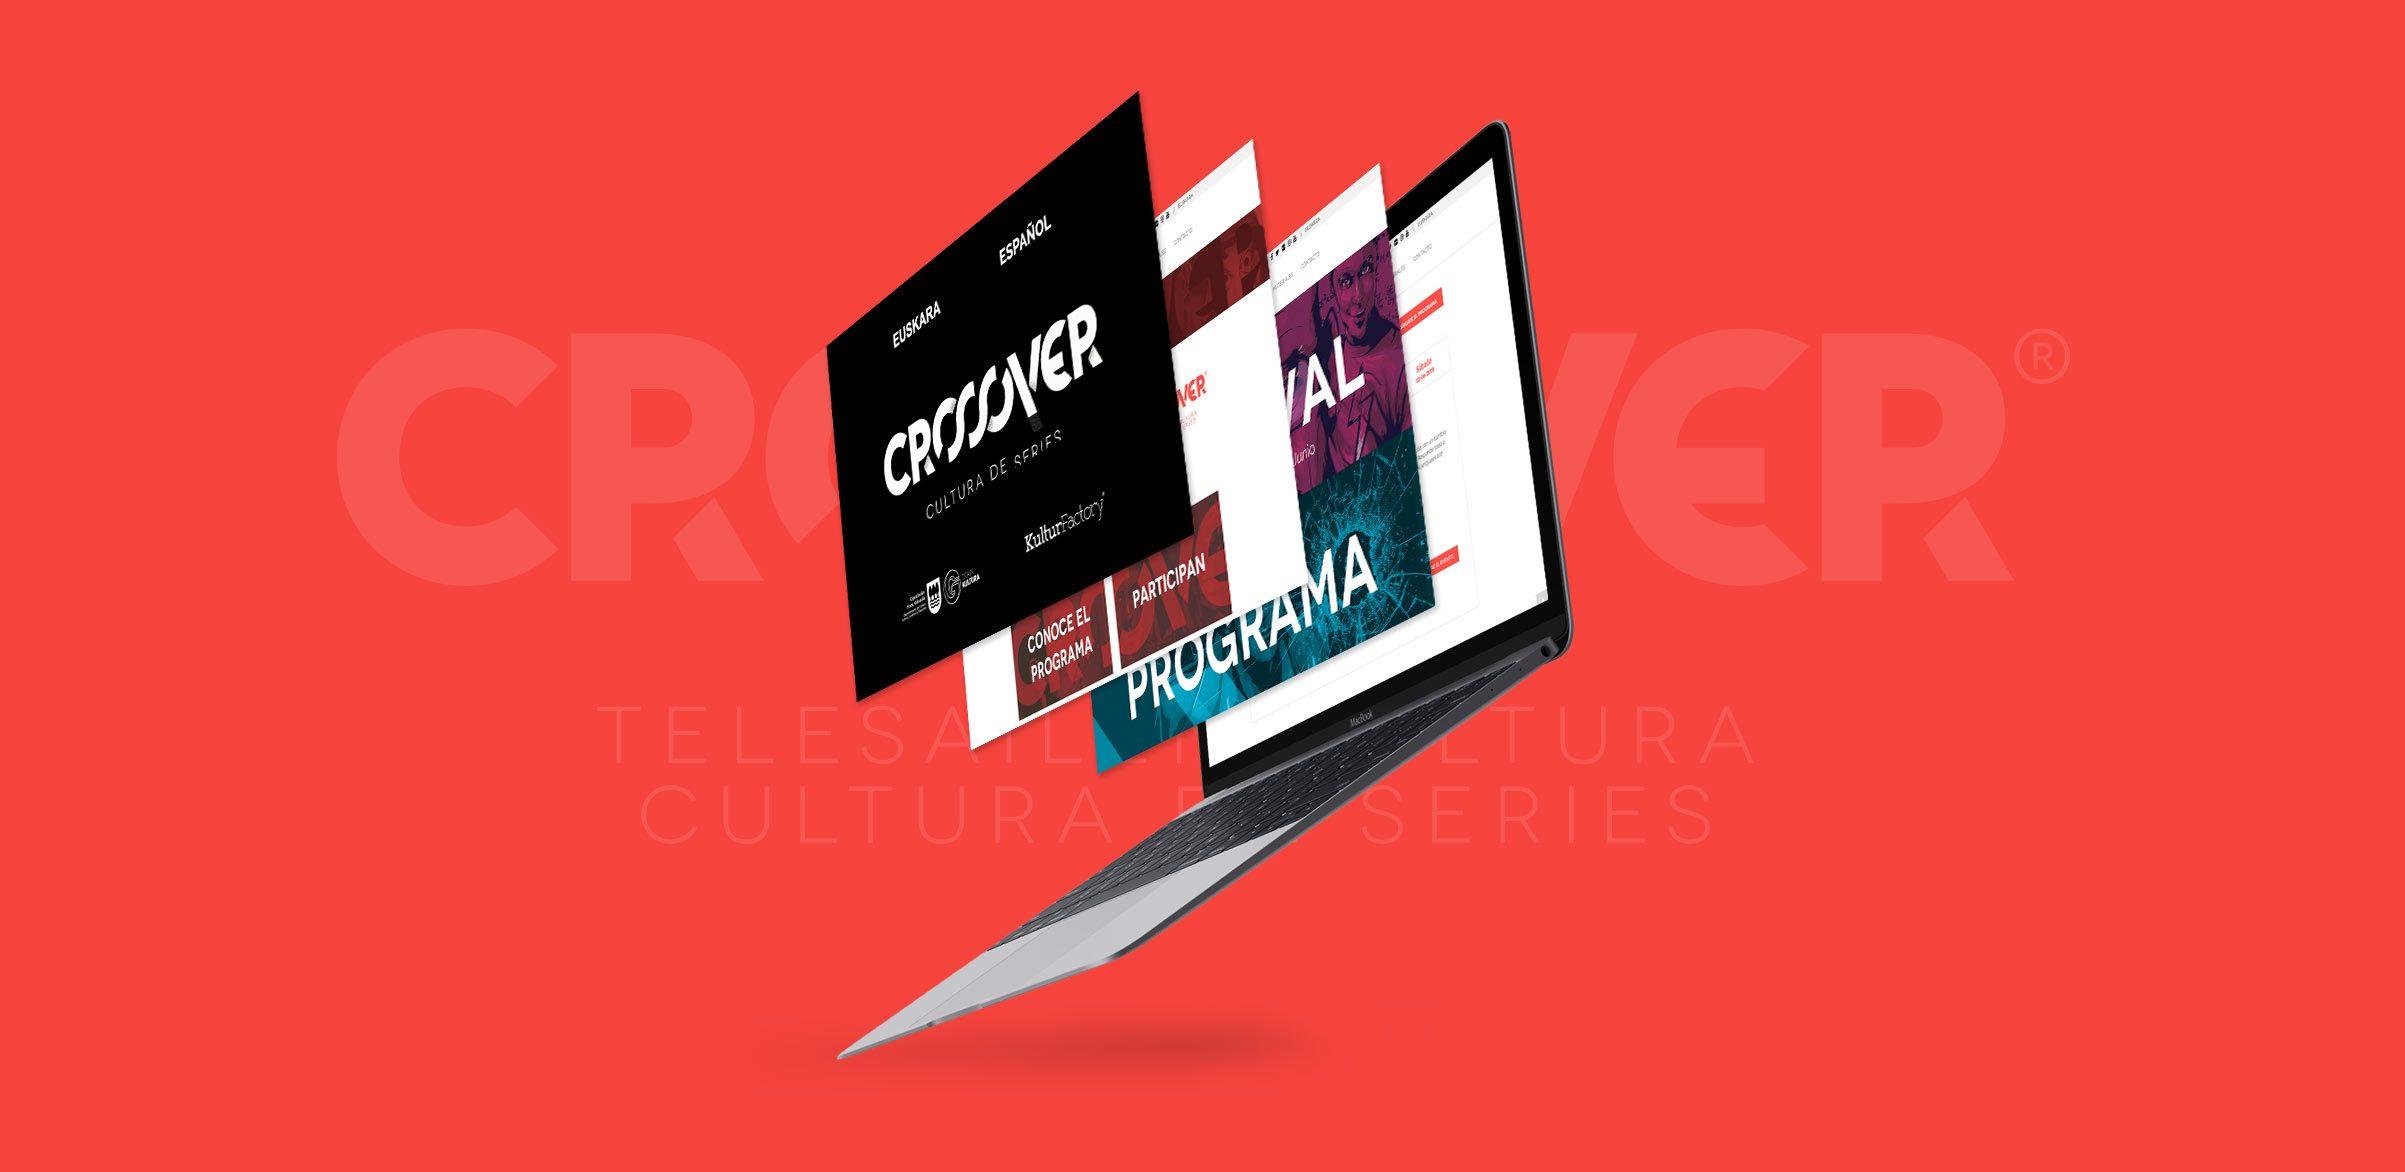 Crossover Festival de Series – Desarrollo web en colaboración con Buzzko